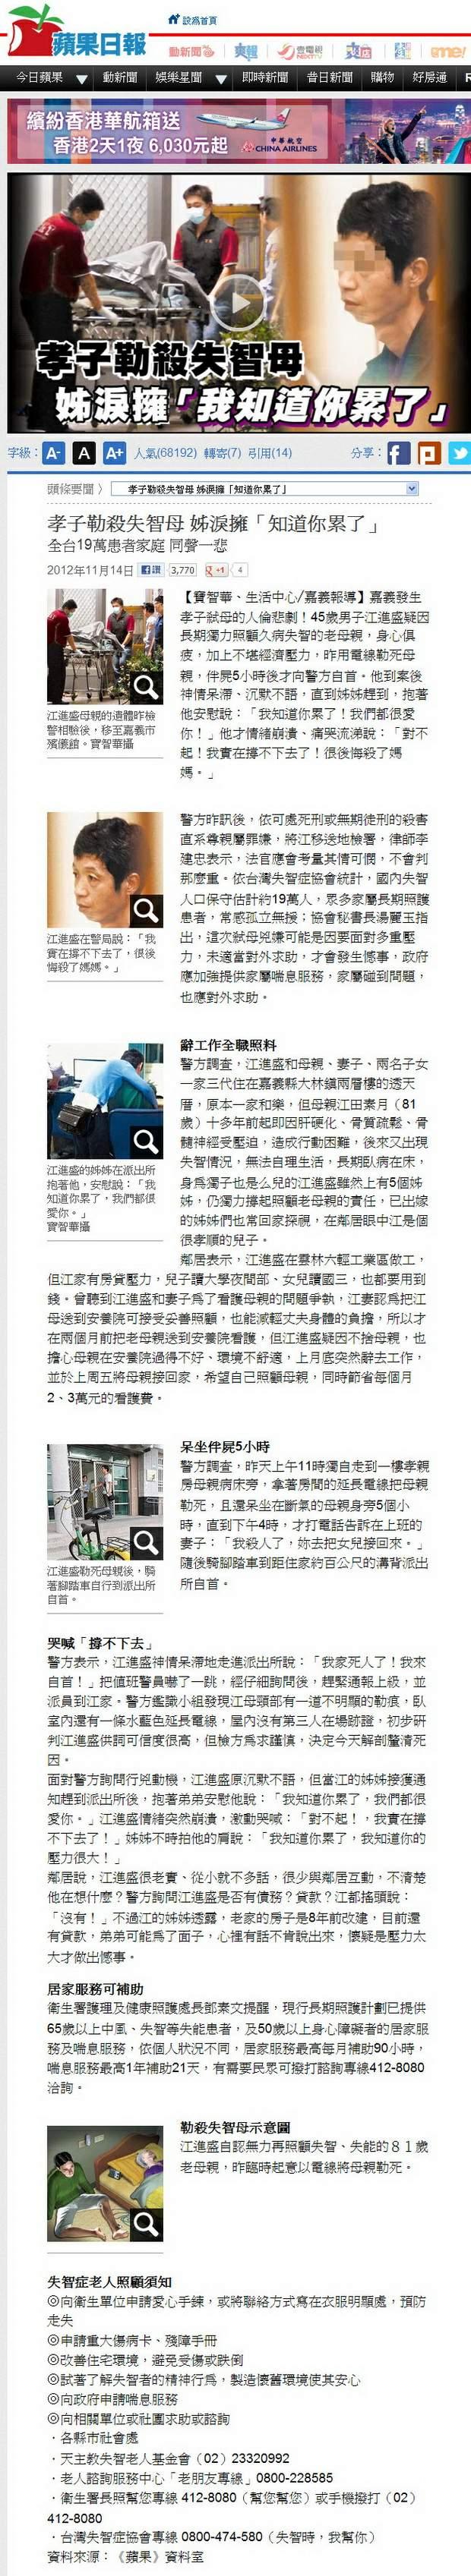 孝子勒殺失智母 姊淚擁「知道你累了」-2012.11.14-01